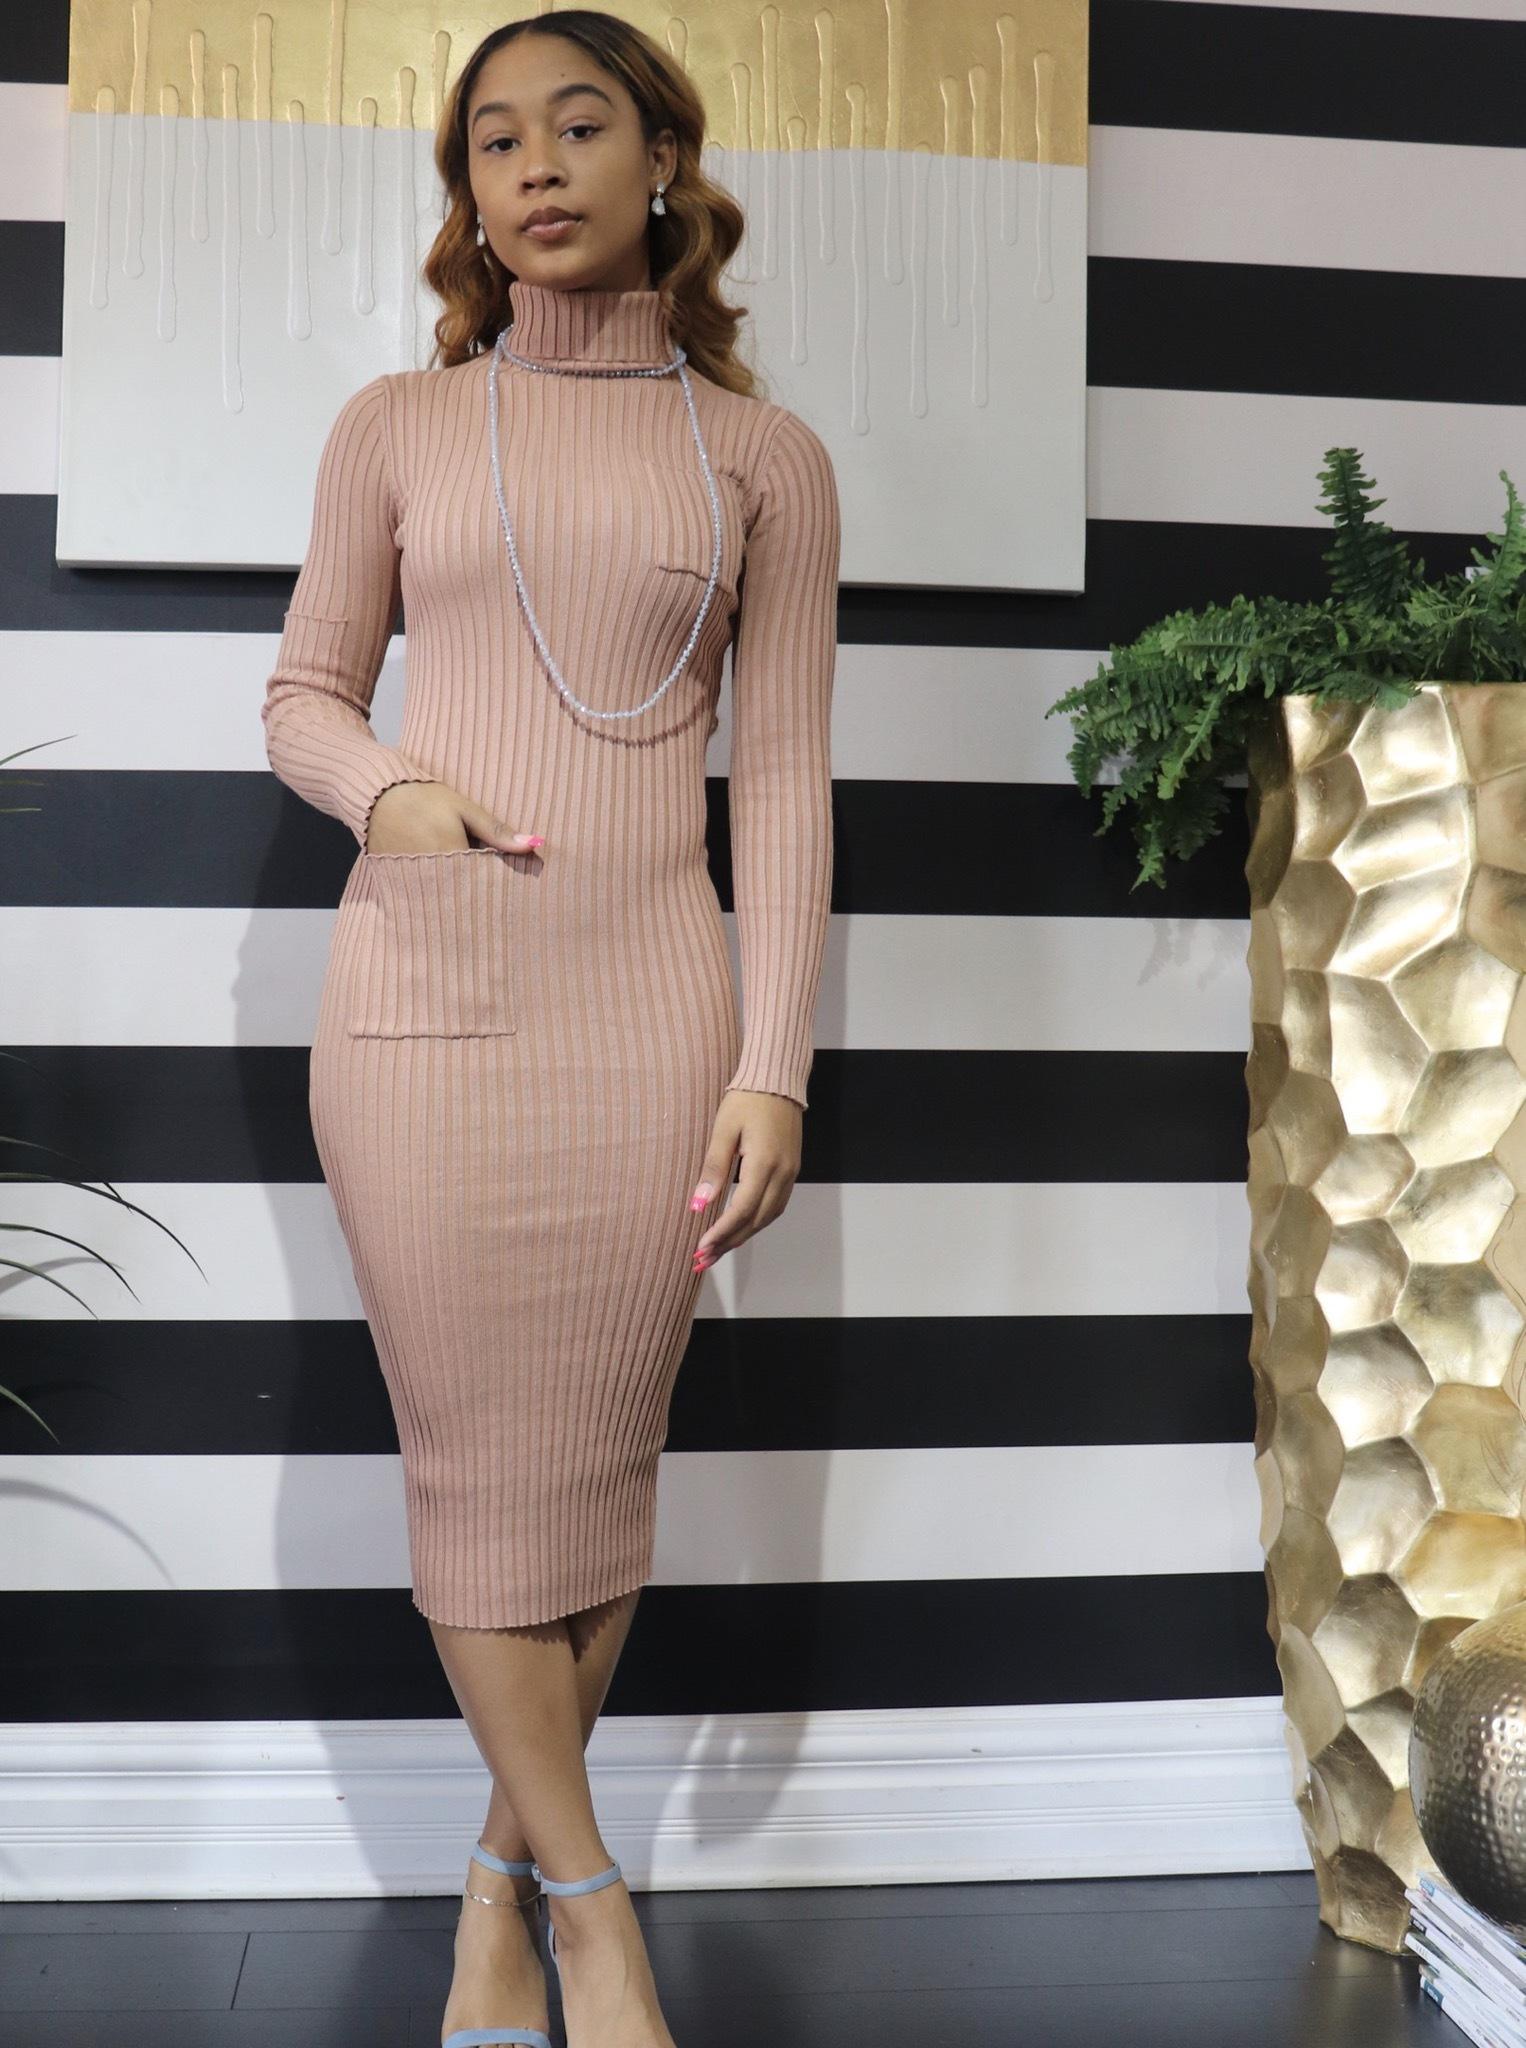 Doreen Sweater Dress